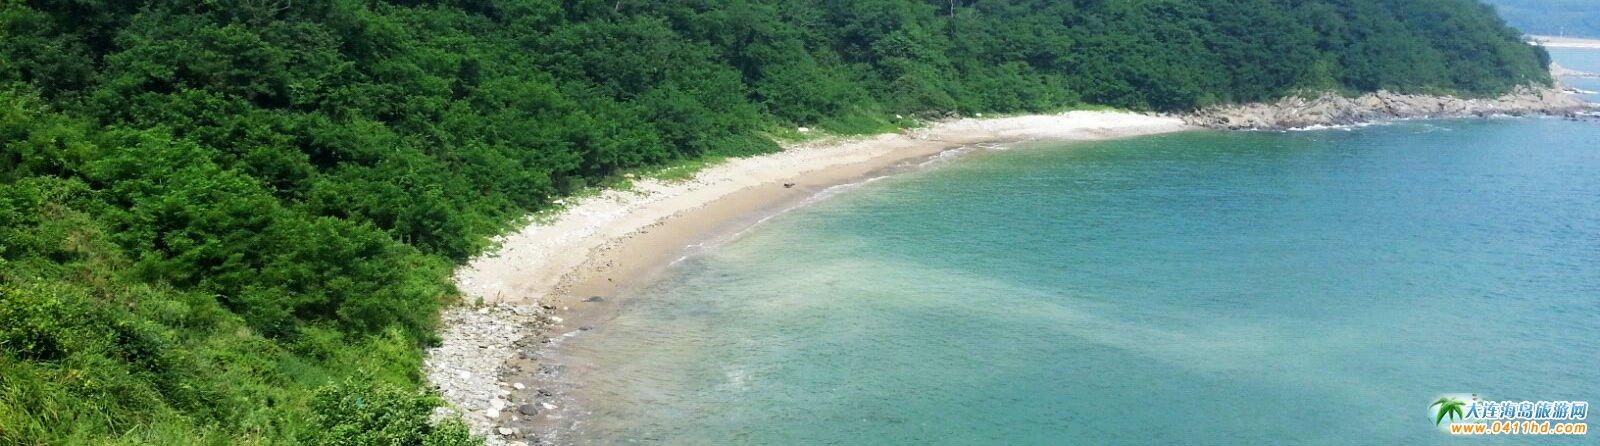 广鹿岛明海渔家